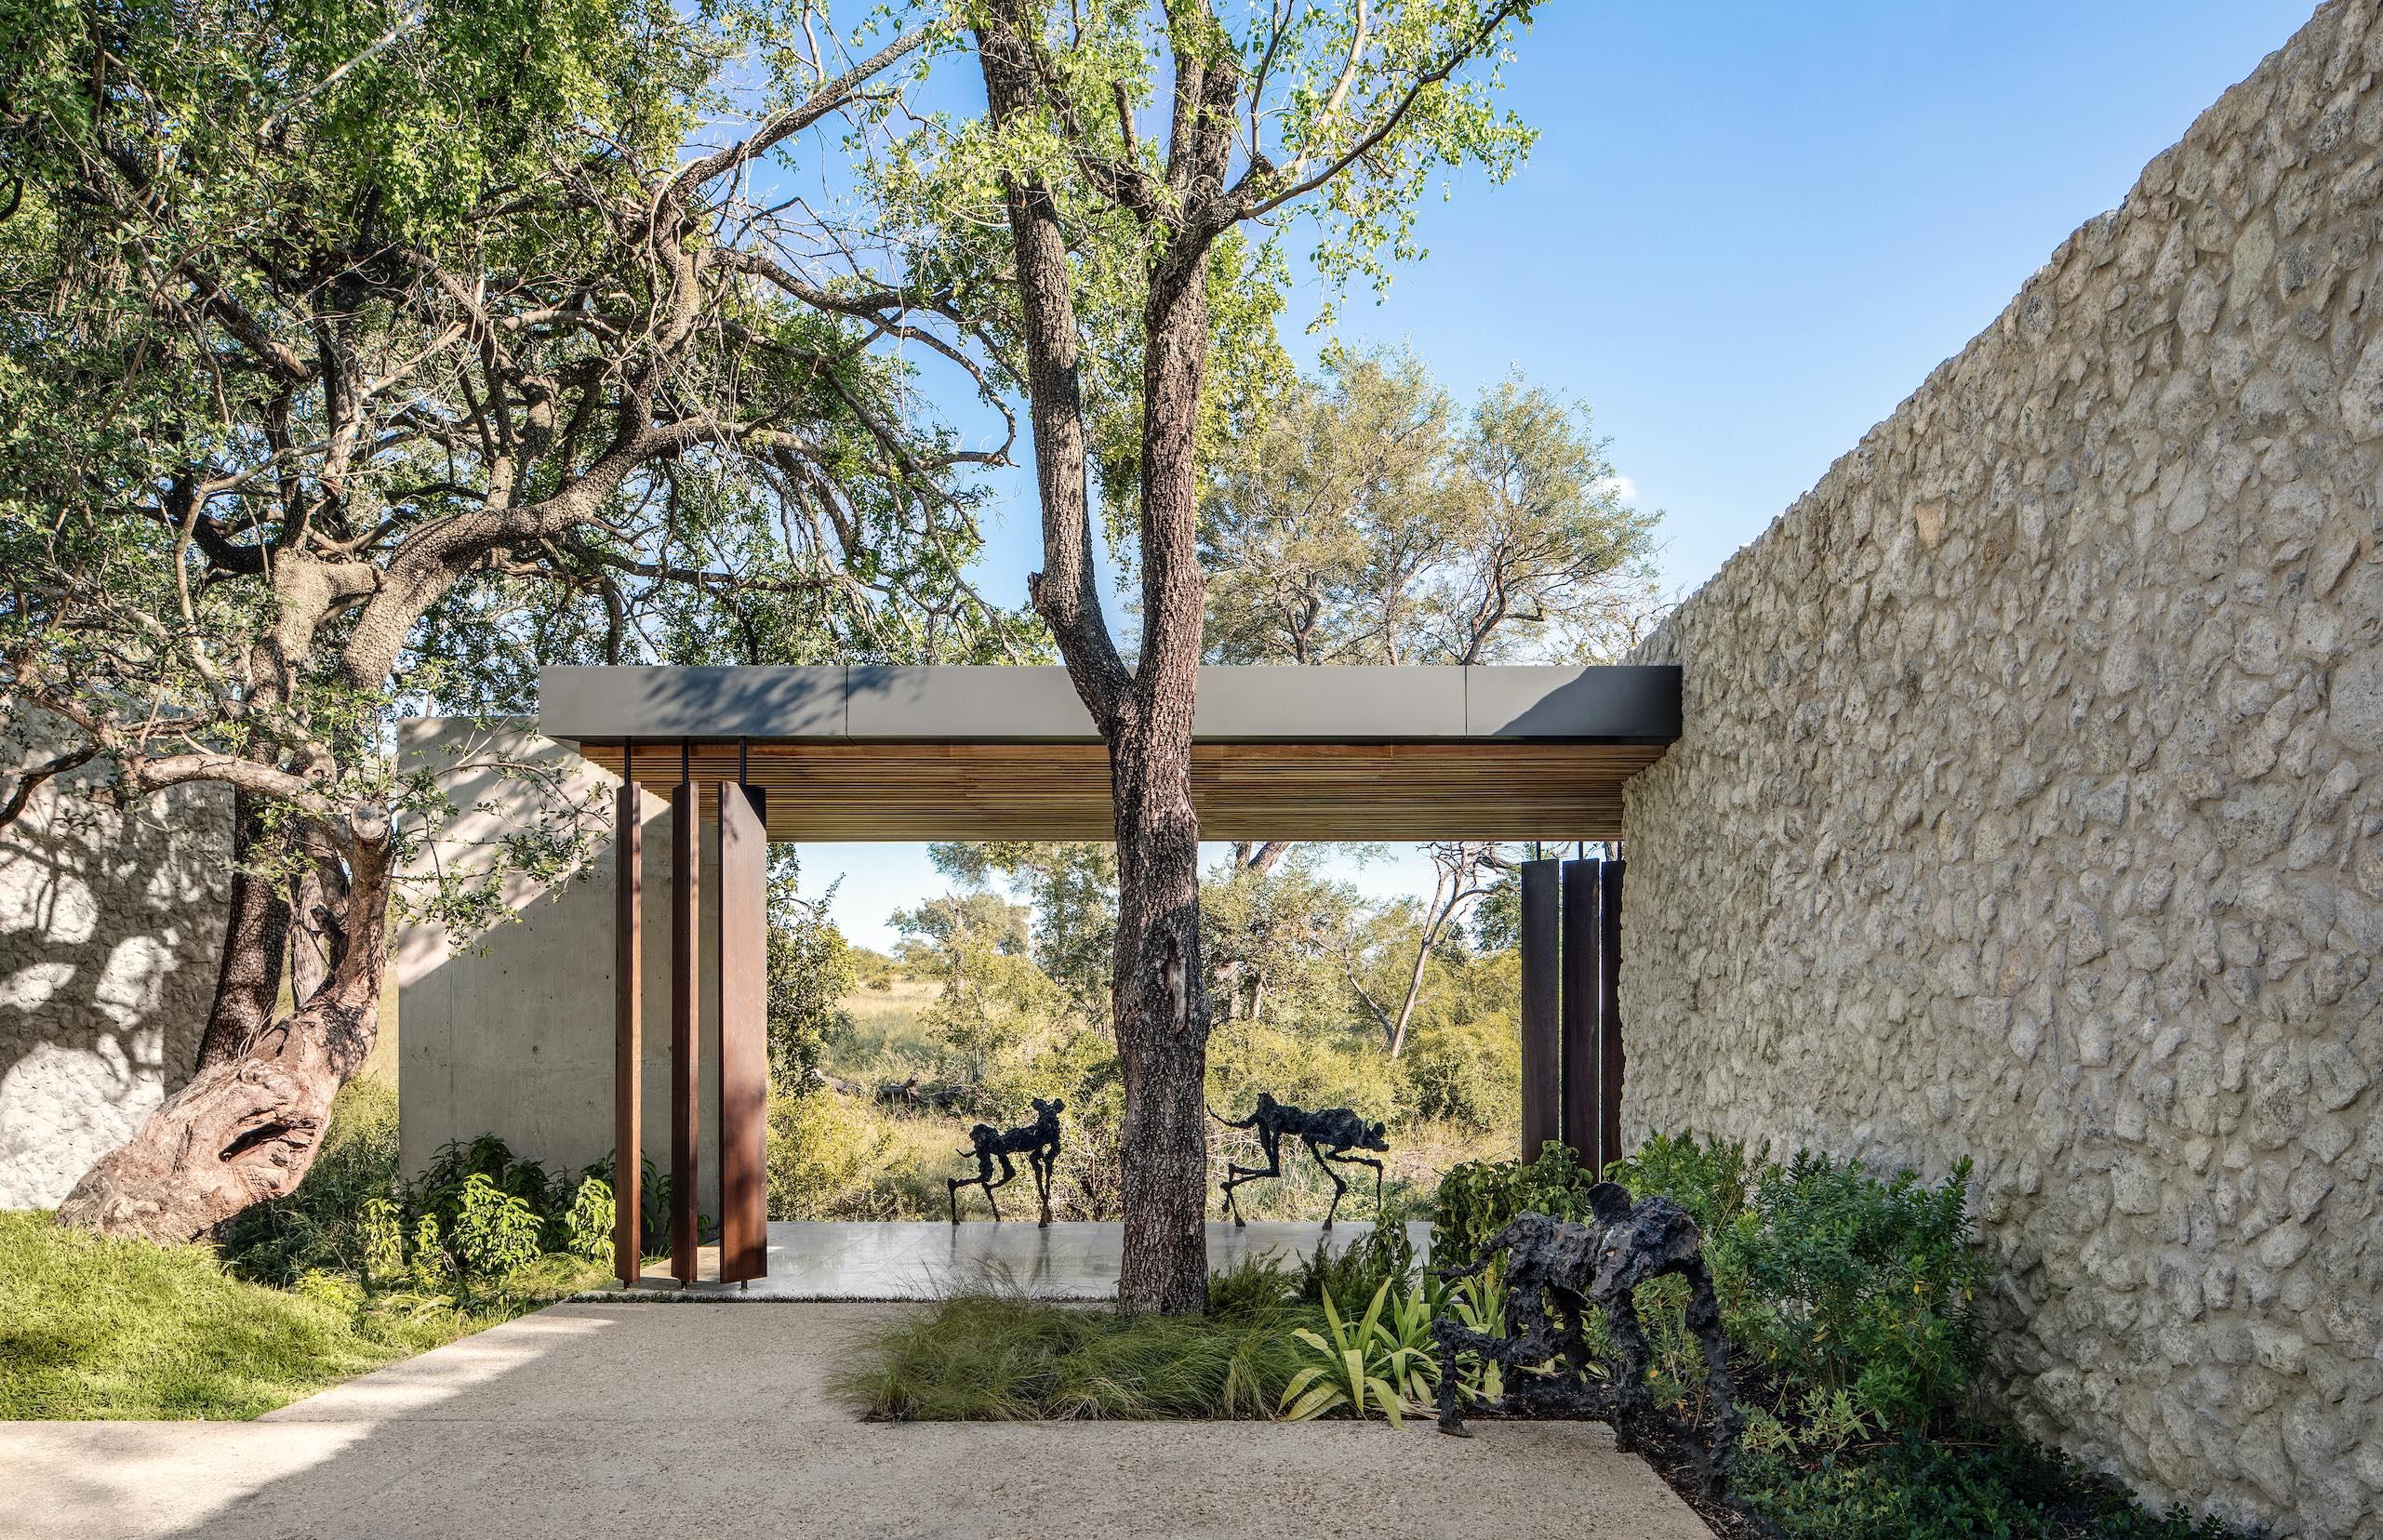 Vi visar upp världens bästa arkitektur skapad av världens bästa arkitekter. Stor guide och massor av bilder med mycket inredning och design.